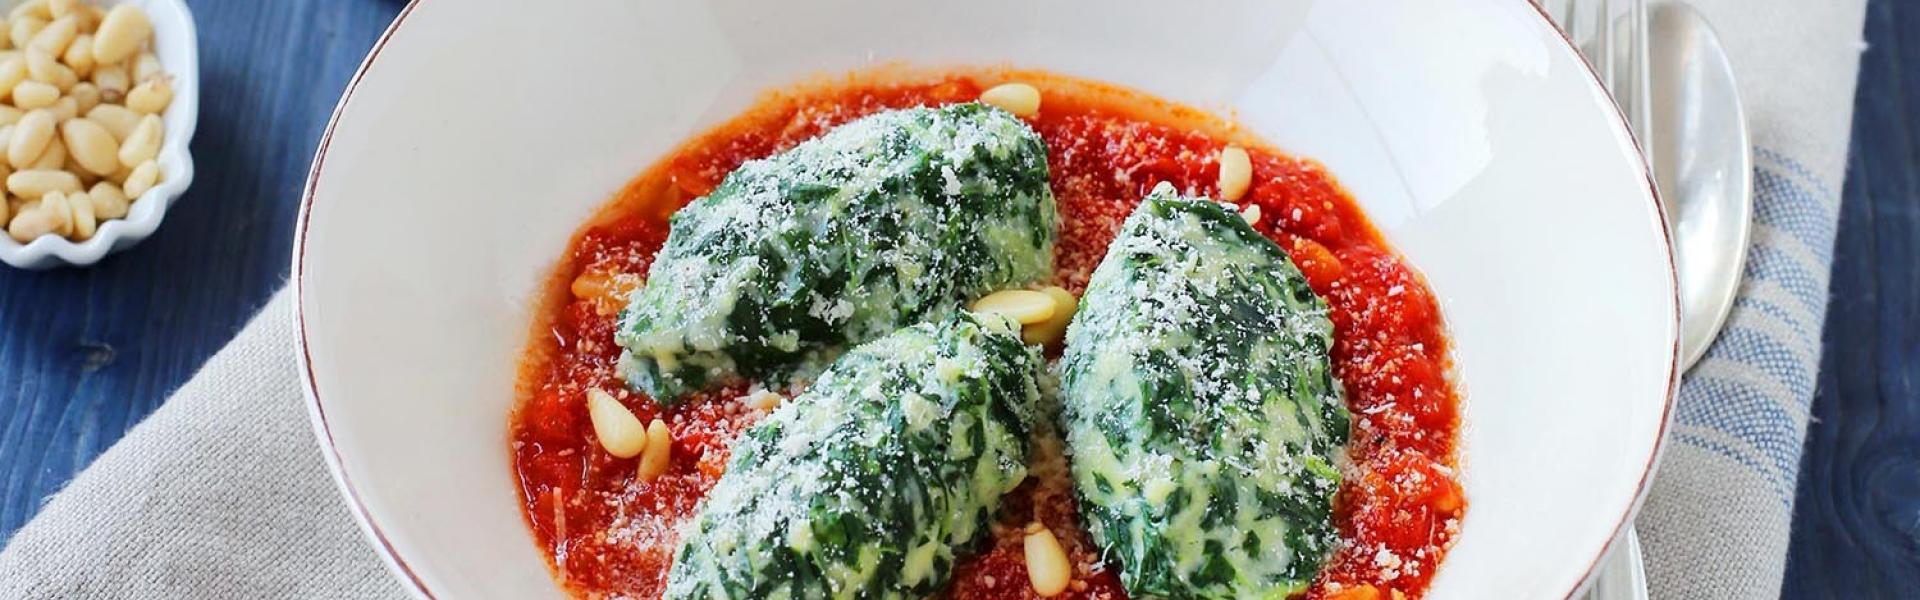 Malfatti auf Tomatensugo in einem Teller angerichtet und auf einem gedeckten Tisch.